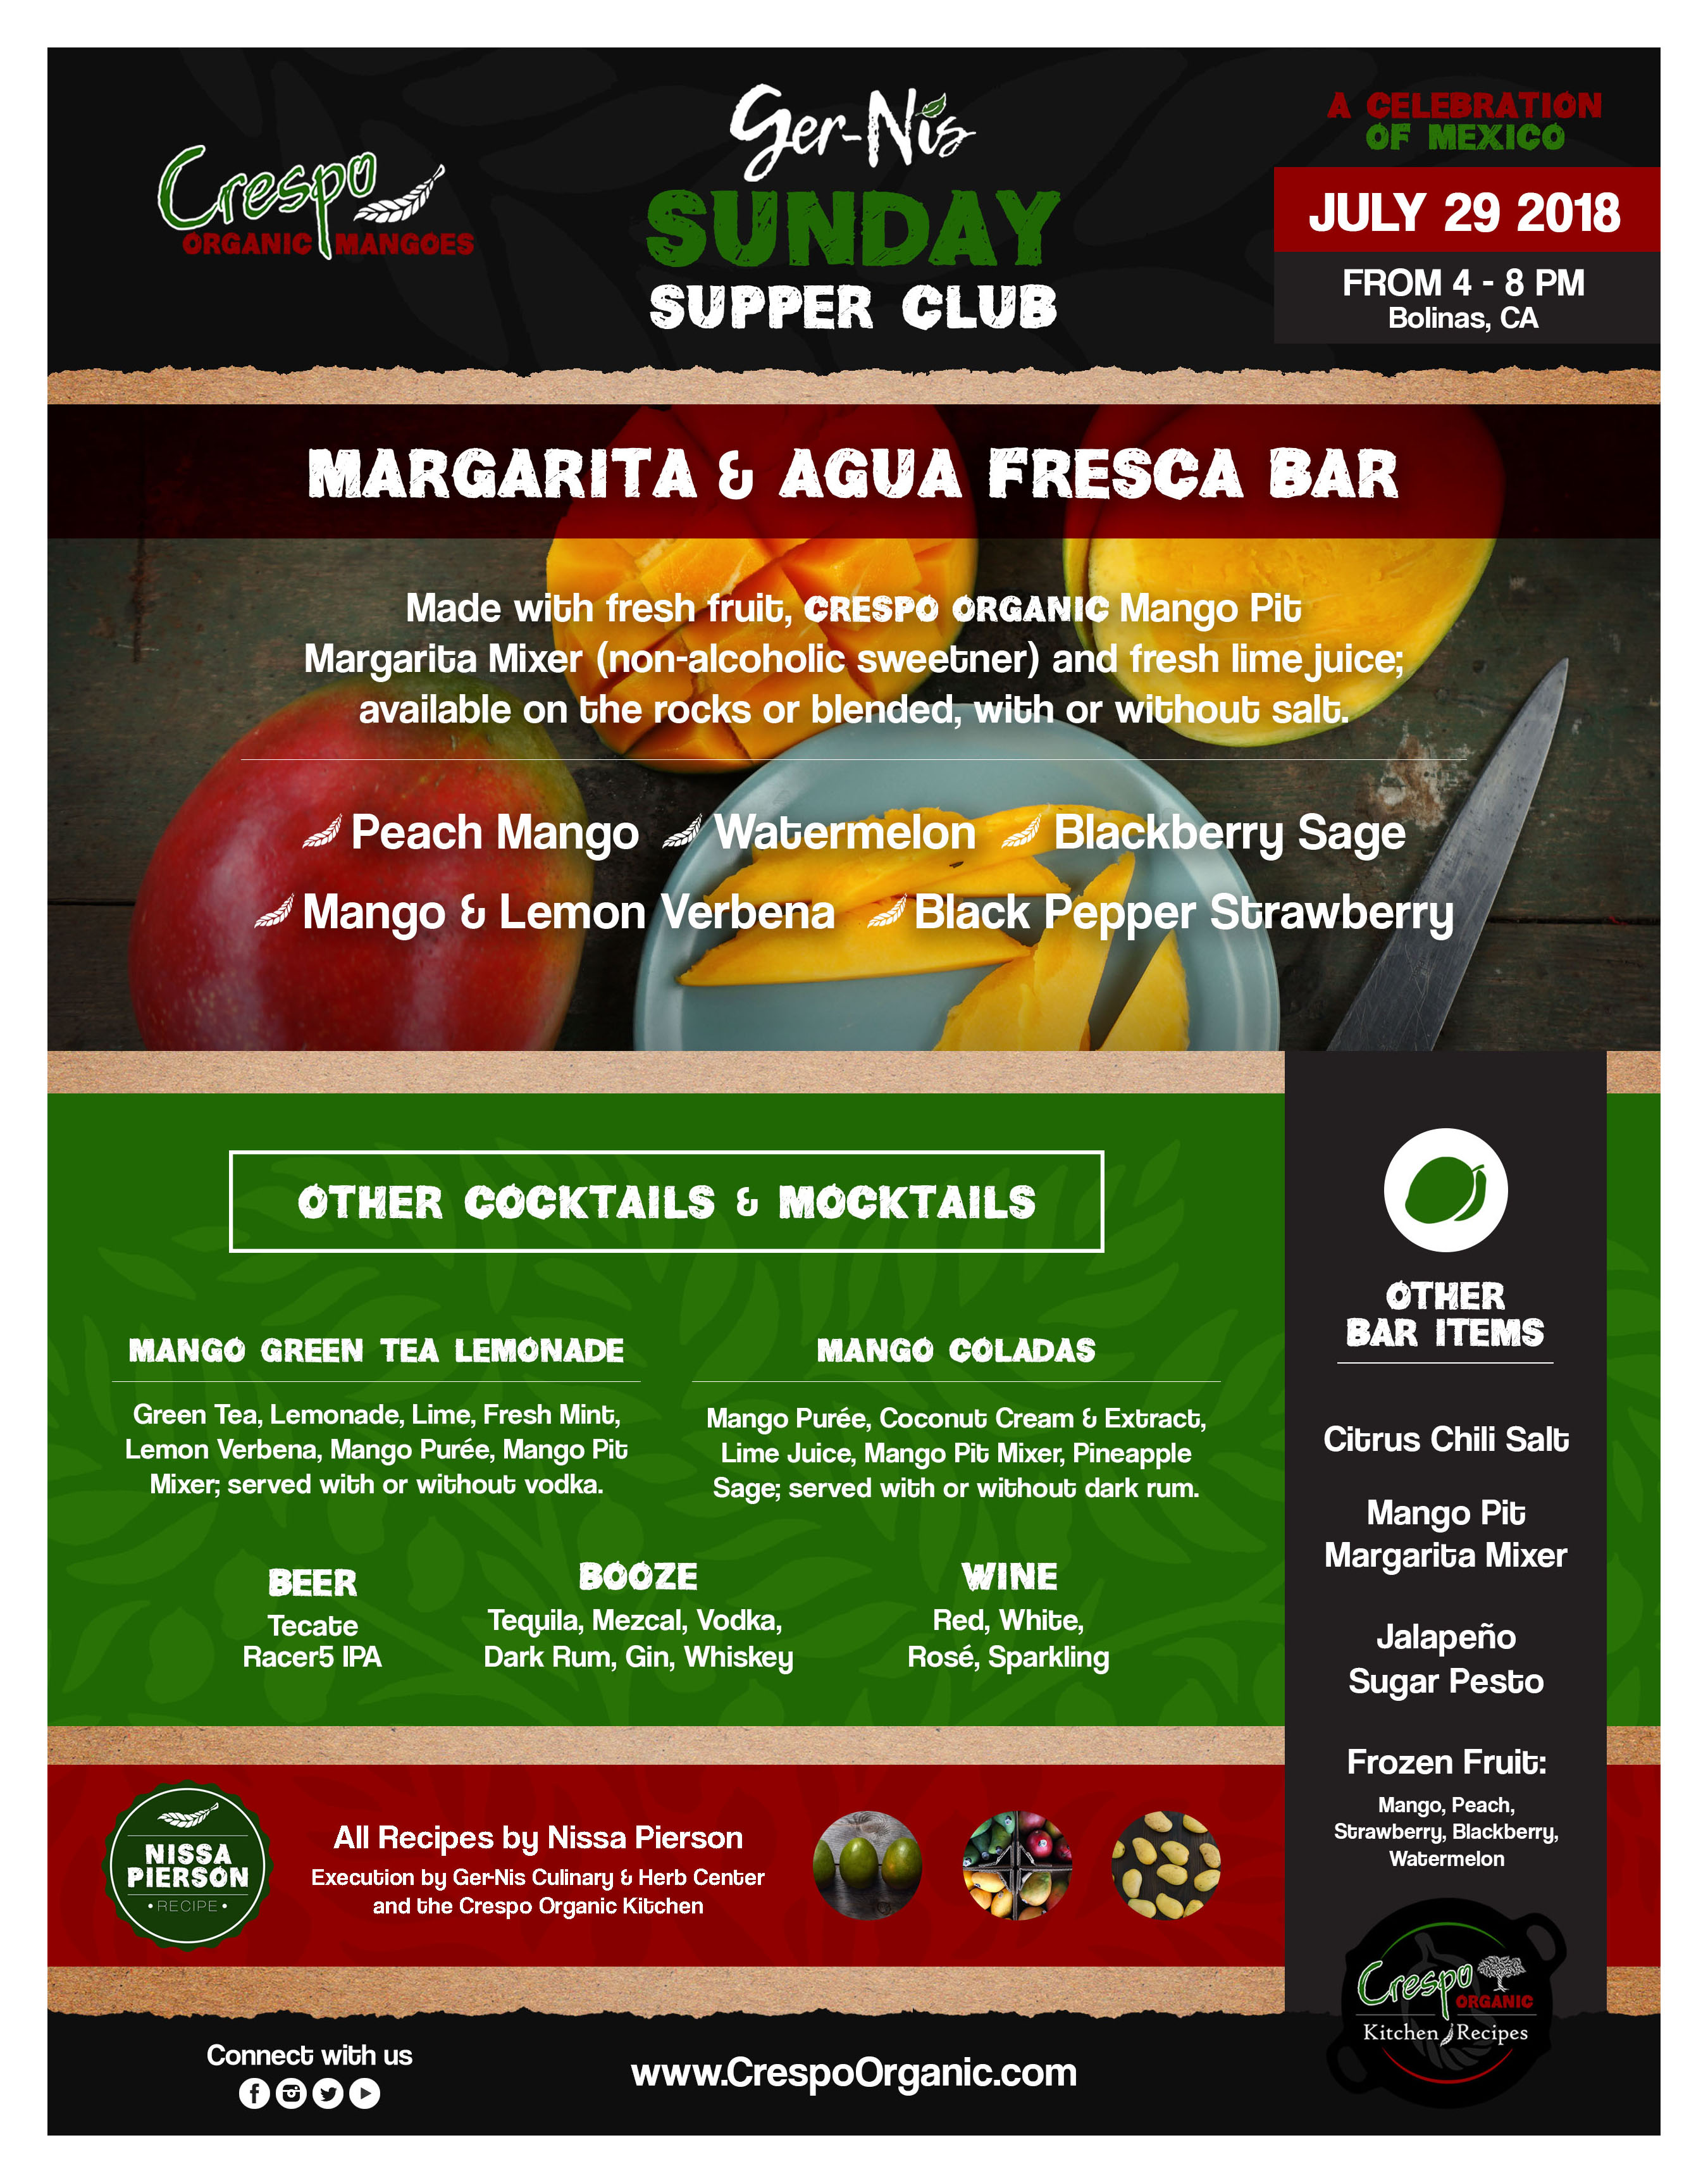 Margarita & Agua Fresca Bar